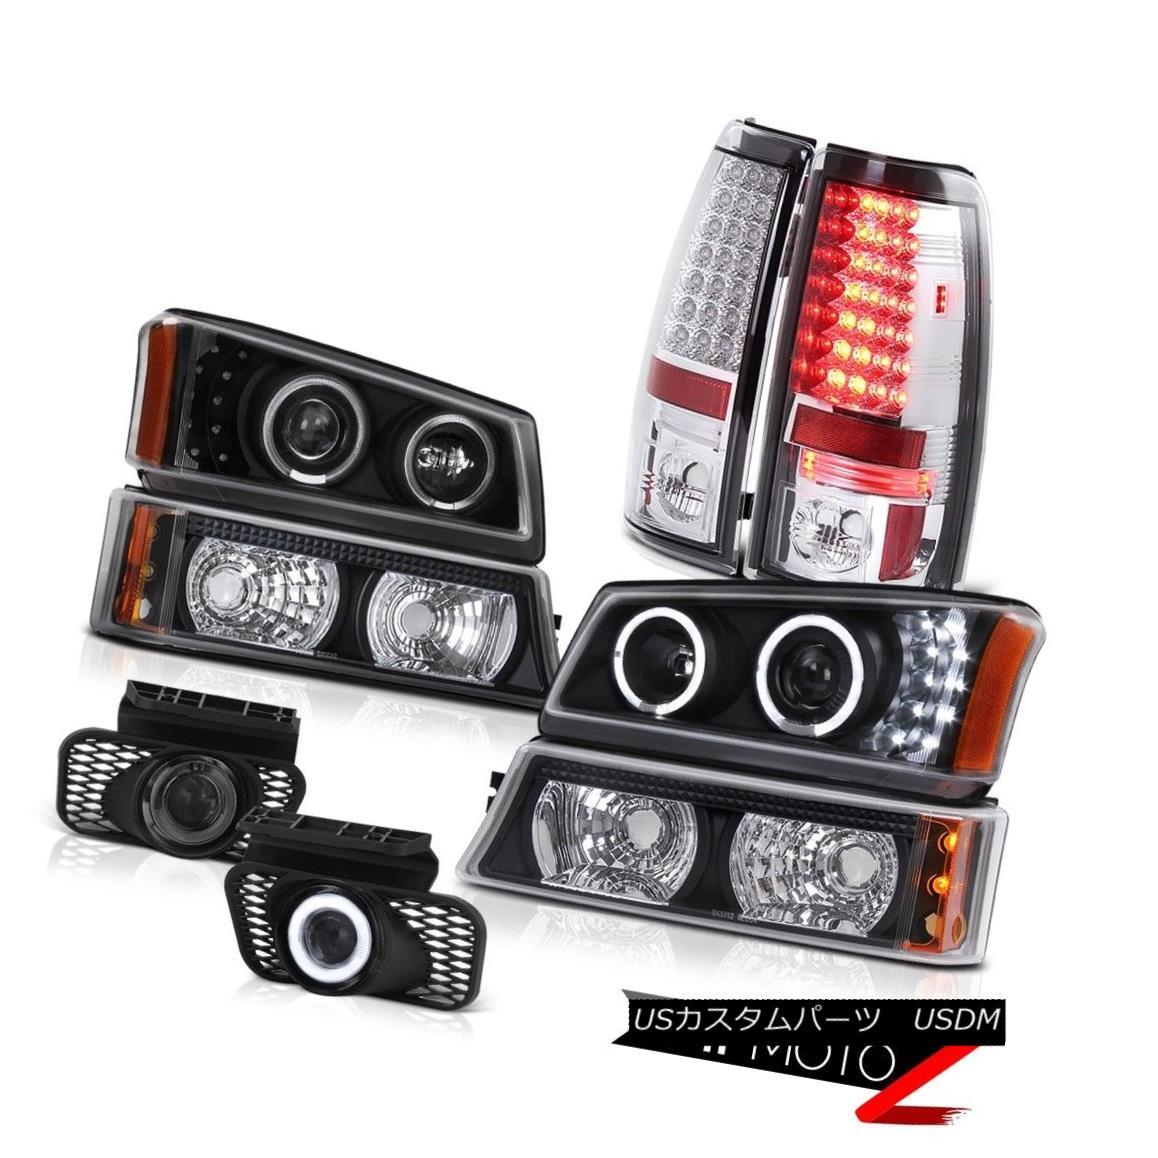 テールライト Black Angel Eye Headlight Parking LED Taillights Foglamps 03-06 Silverado 3500HD ブラックエンジェルアイヘッドライトパーキングLEDテールライトフォグランプ03-06 Silverado 3500HD